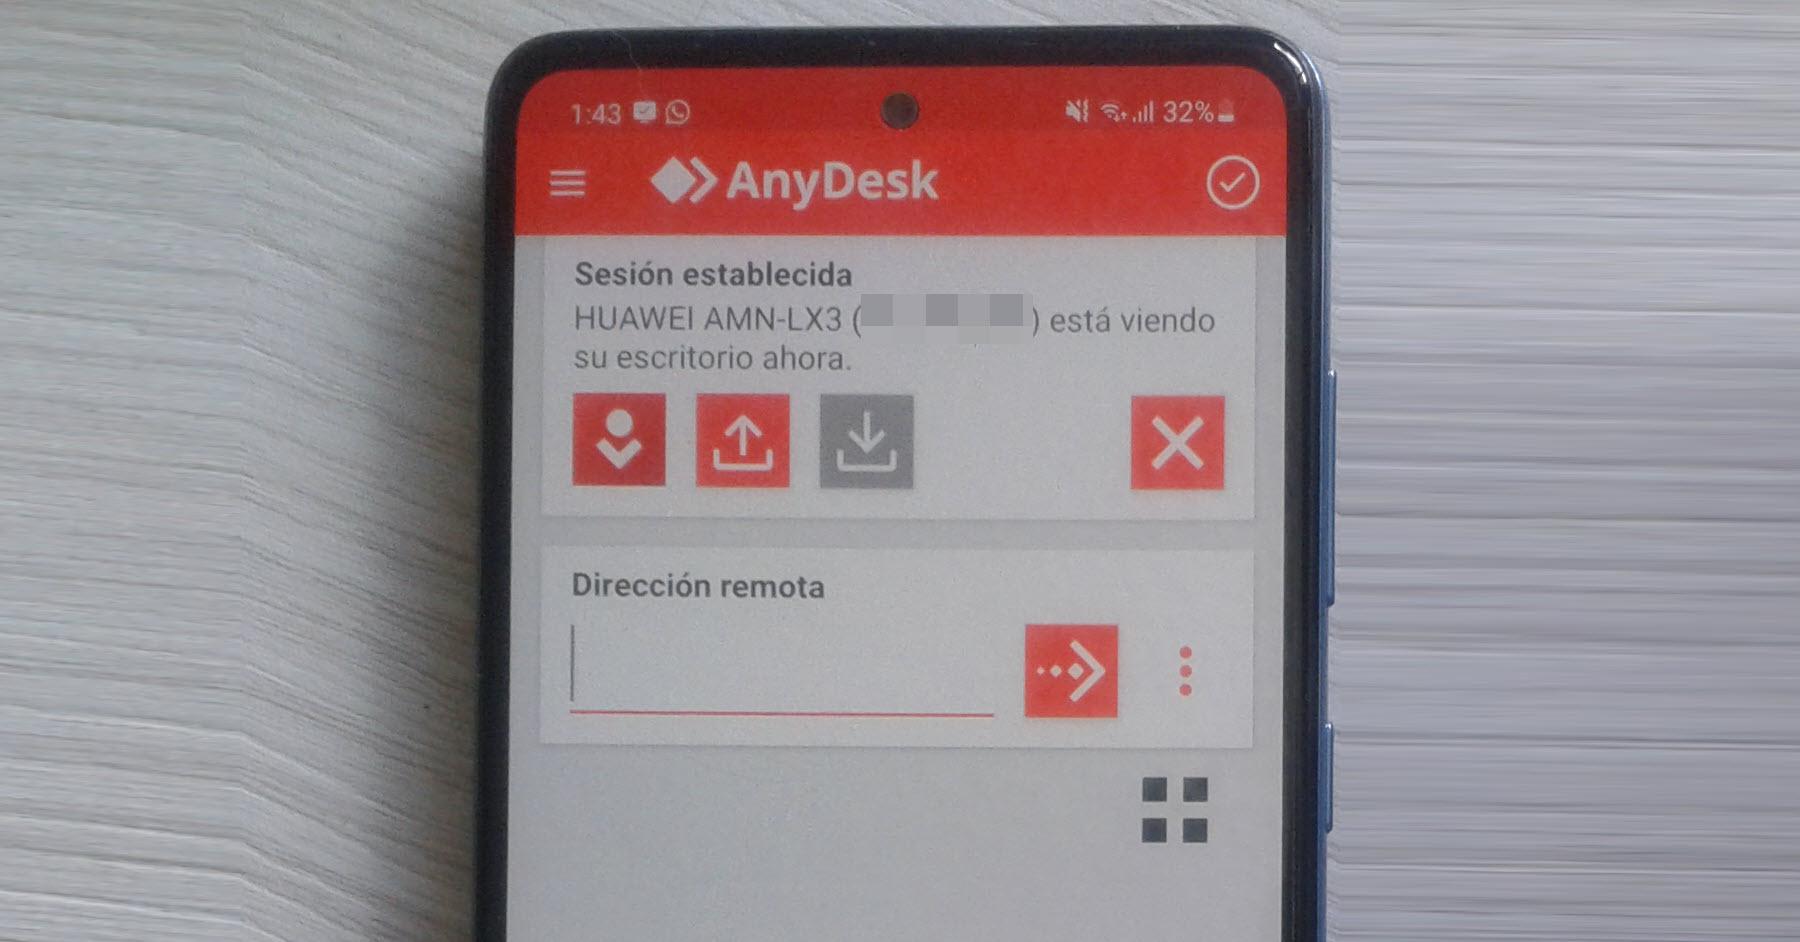 Cómo controlar remotamente un celular  desde otro